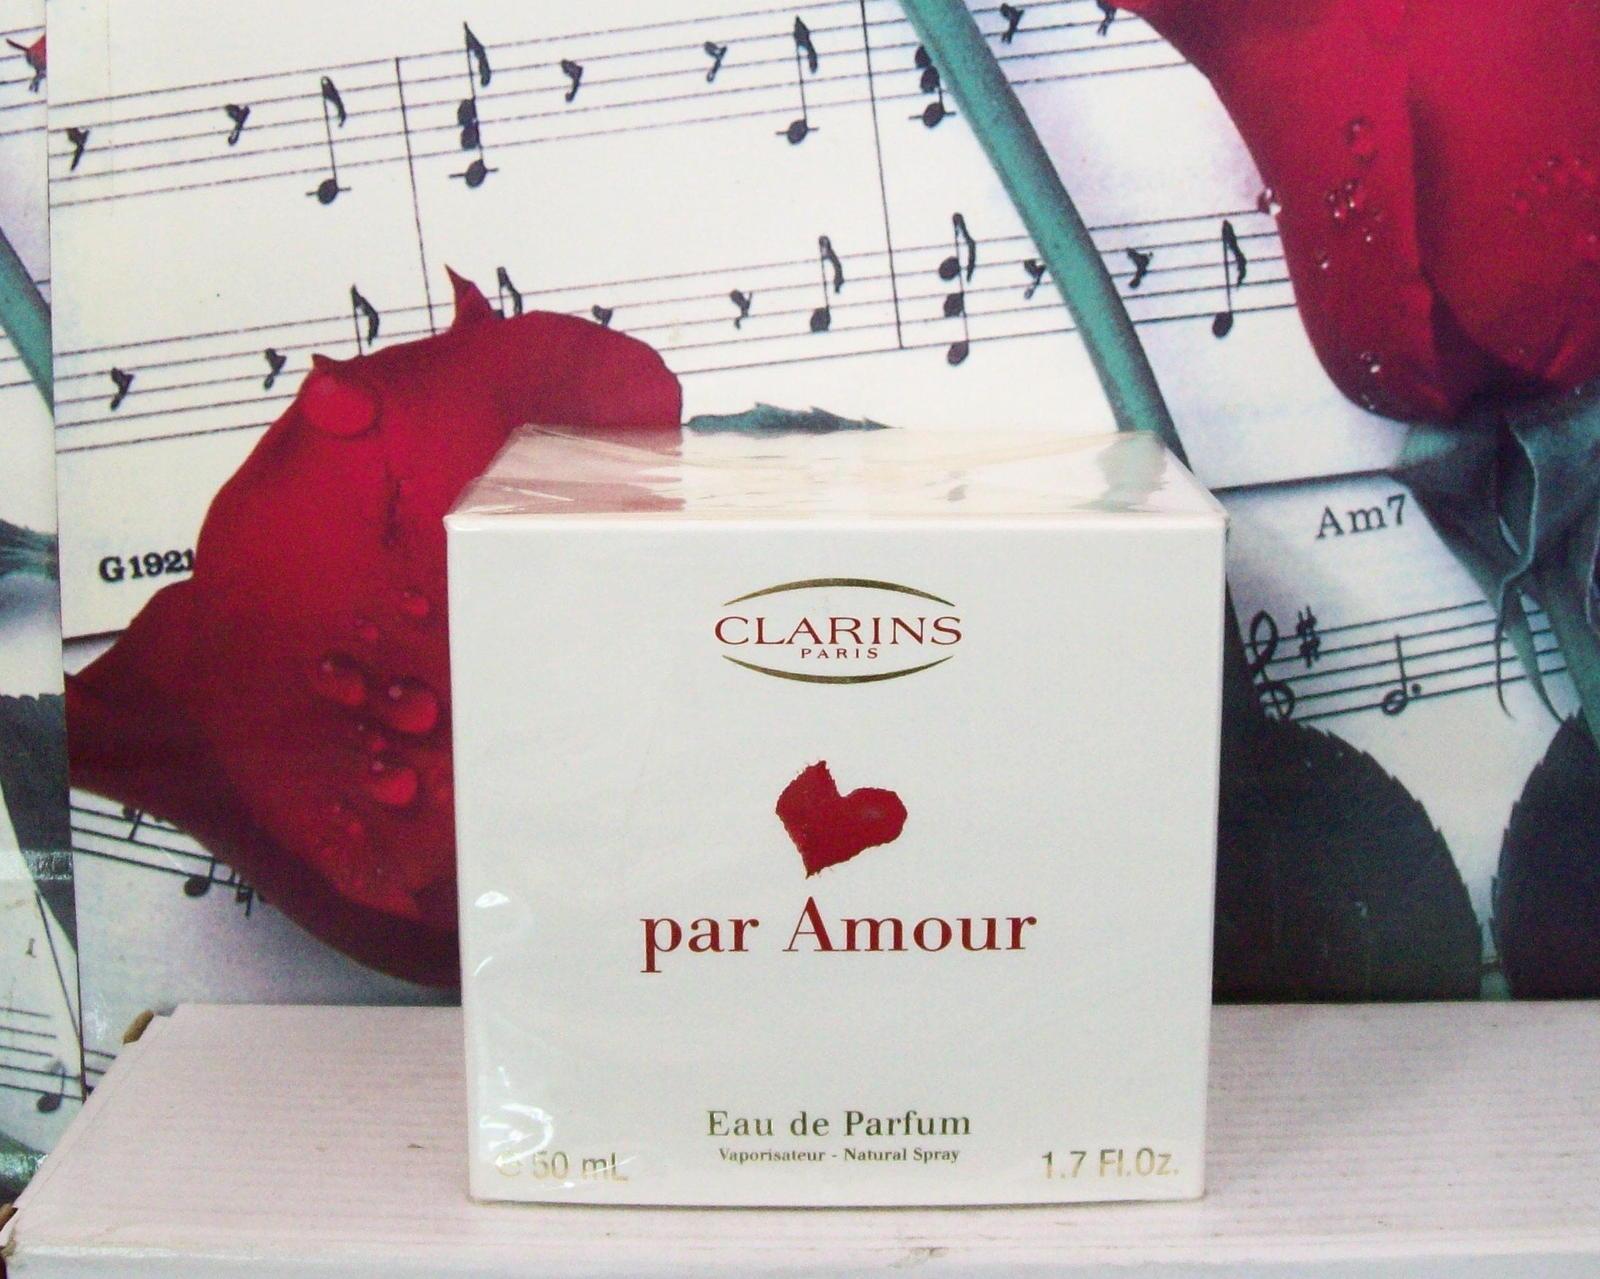 Clarins Par Amour EDP Spray 1.7 FL. OZ. NWB - $79.99